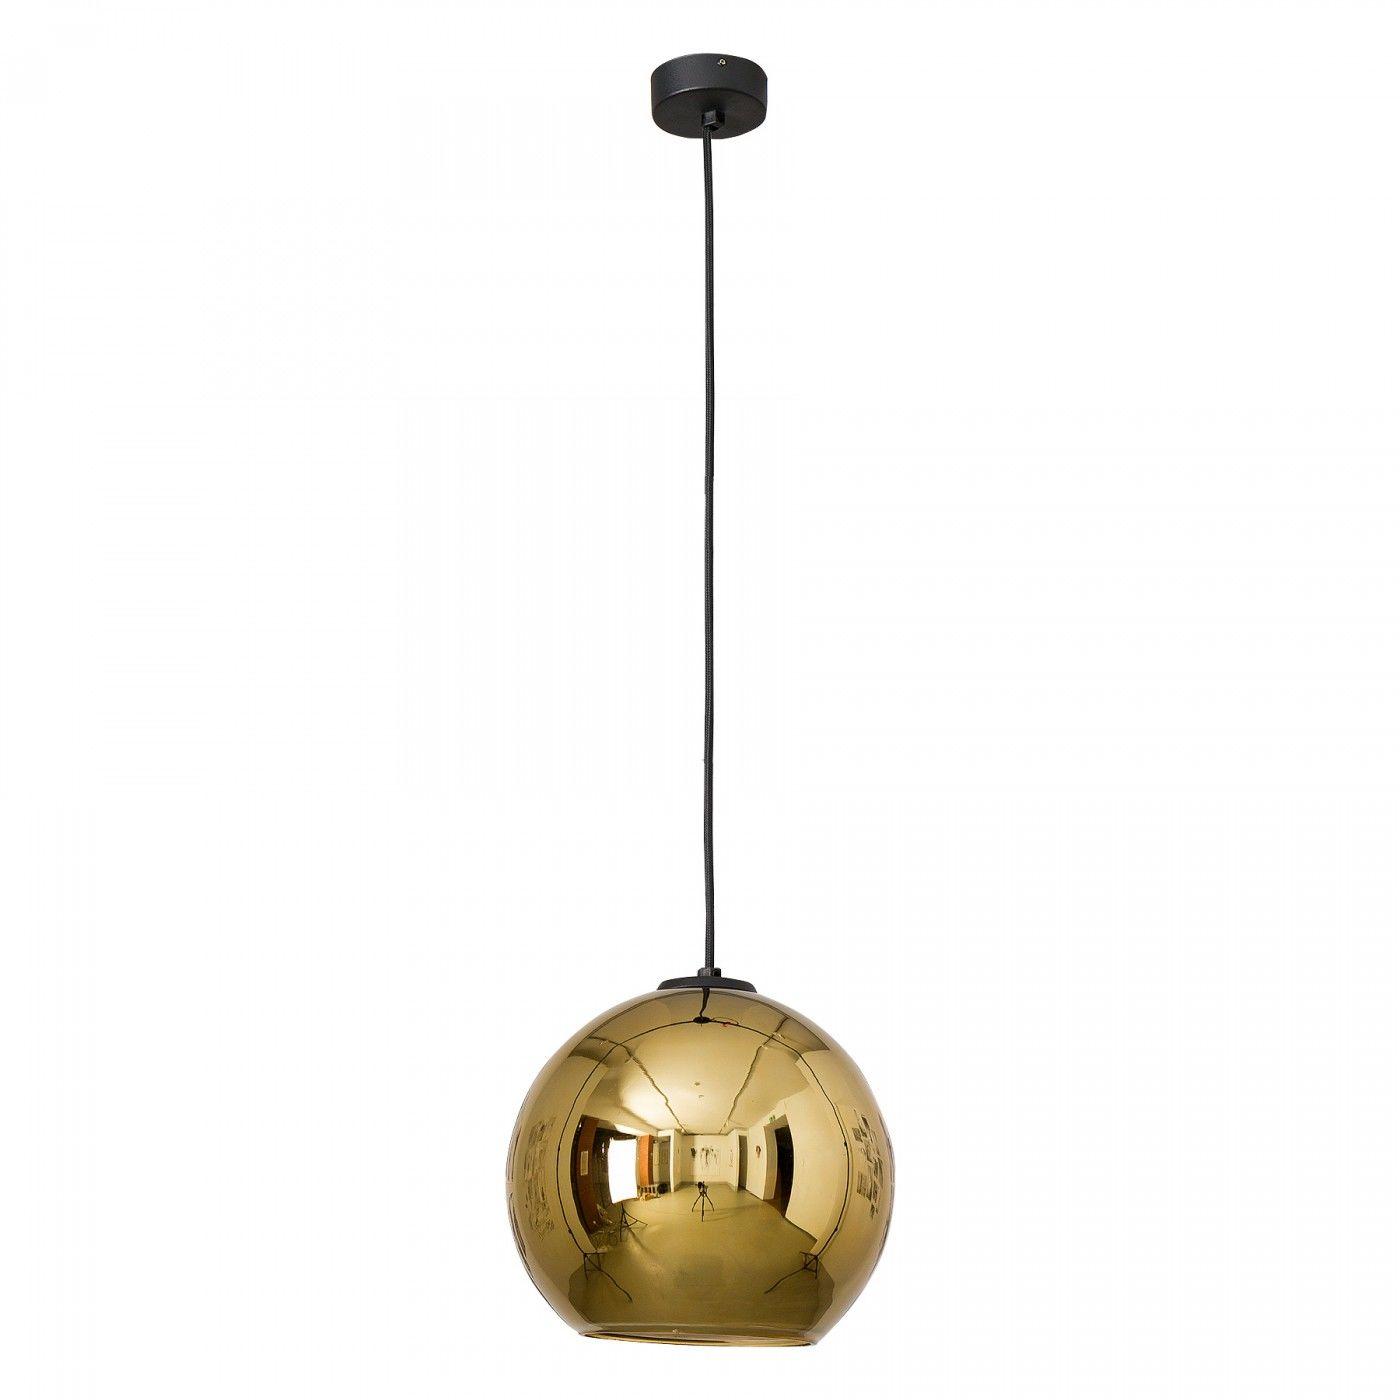 Lampa wisząca Polaris 9057 Nowodvorski Lighting złota oprawa w kształcie kuli